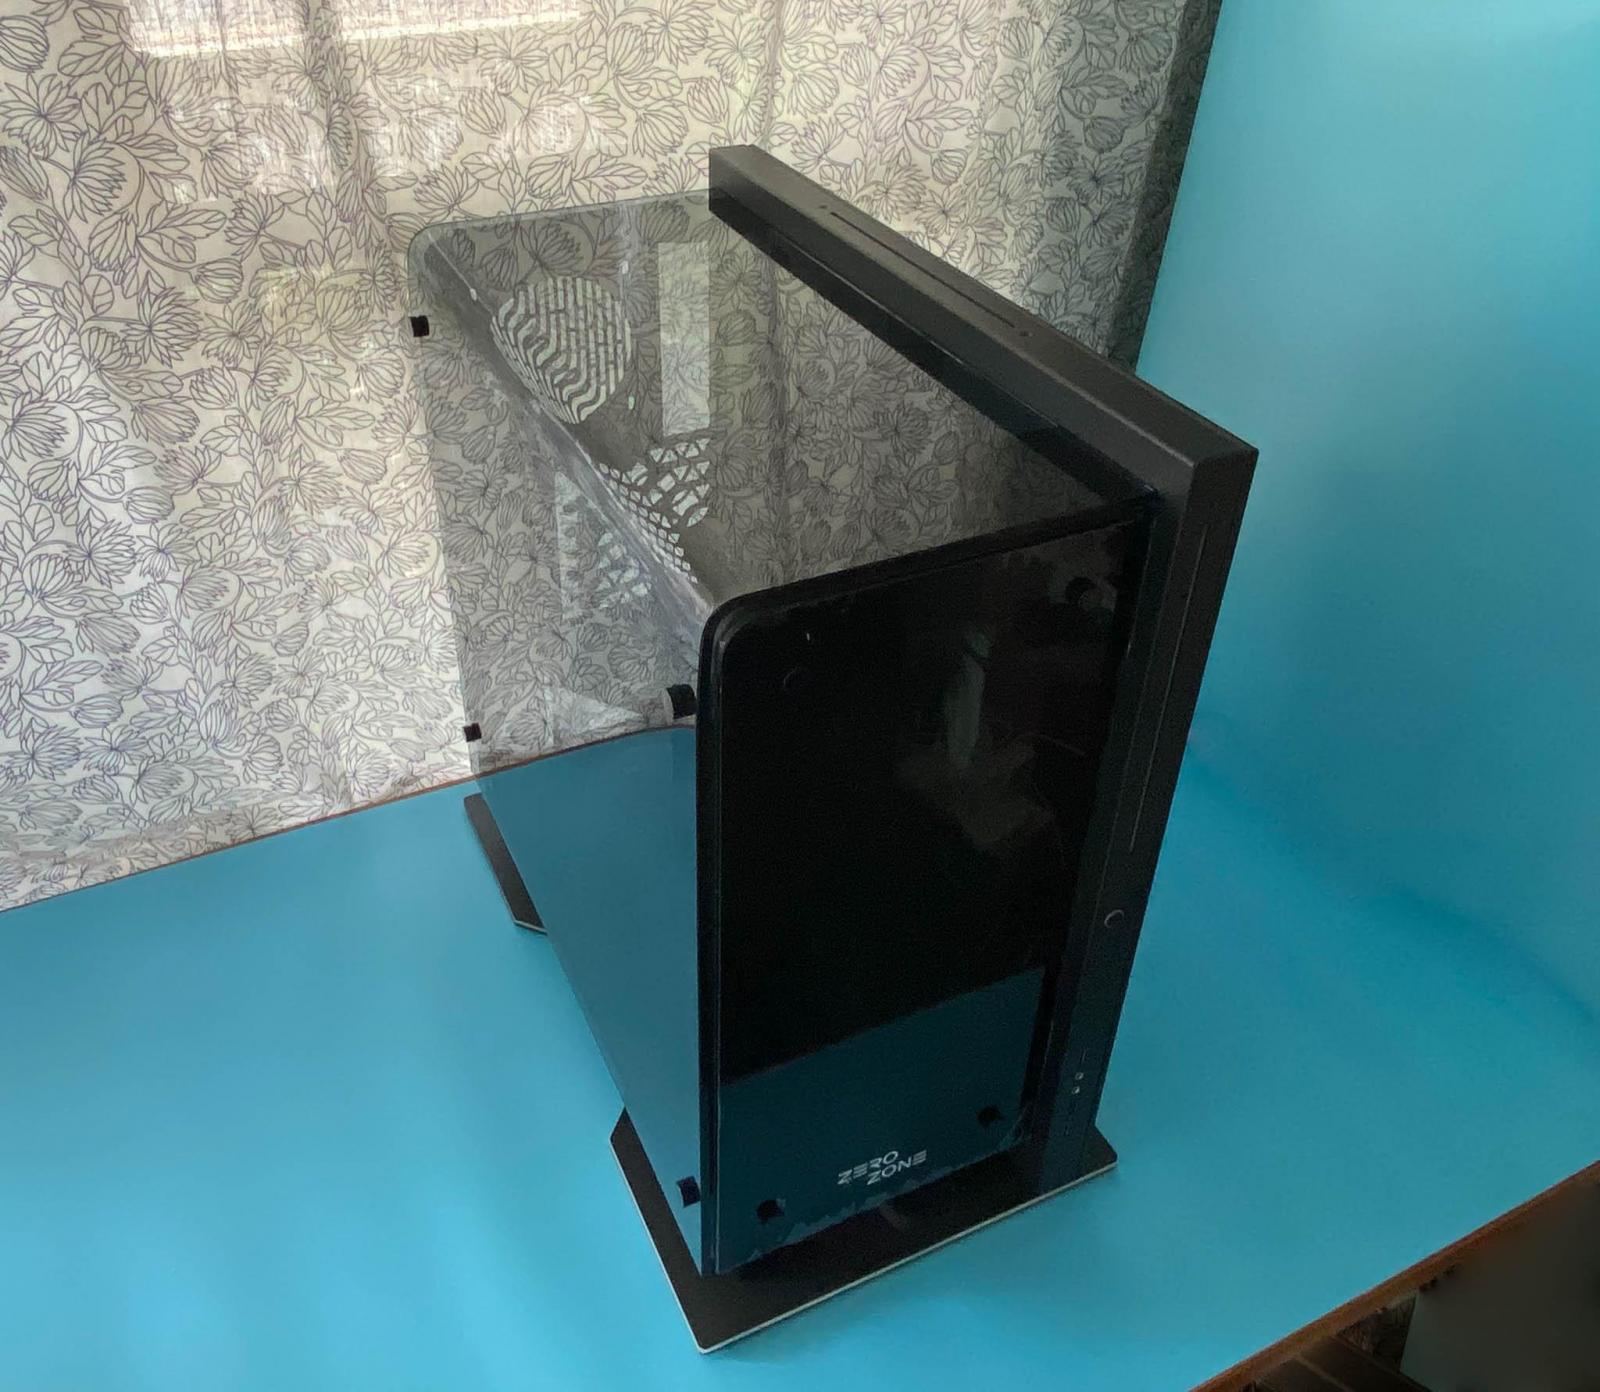 打造桌面卢浮宫,ZEROZONE EOS弯曲玻璃机箱装机实录